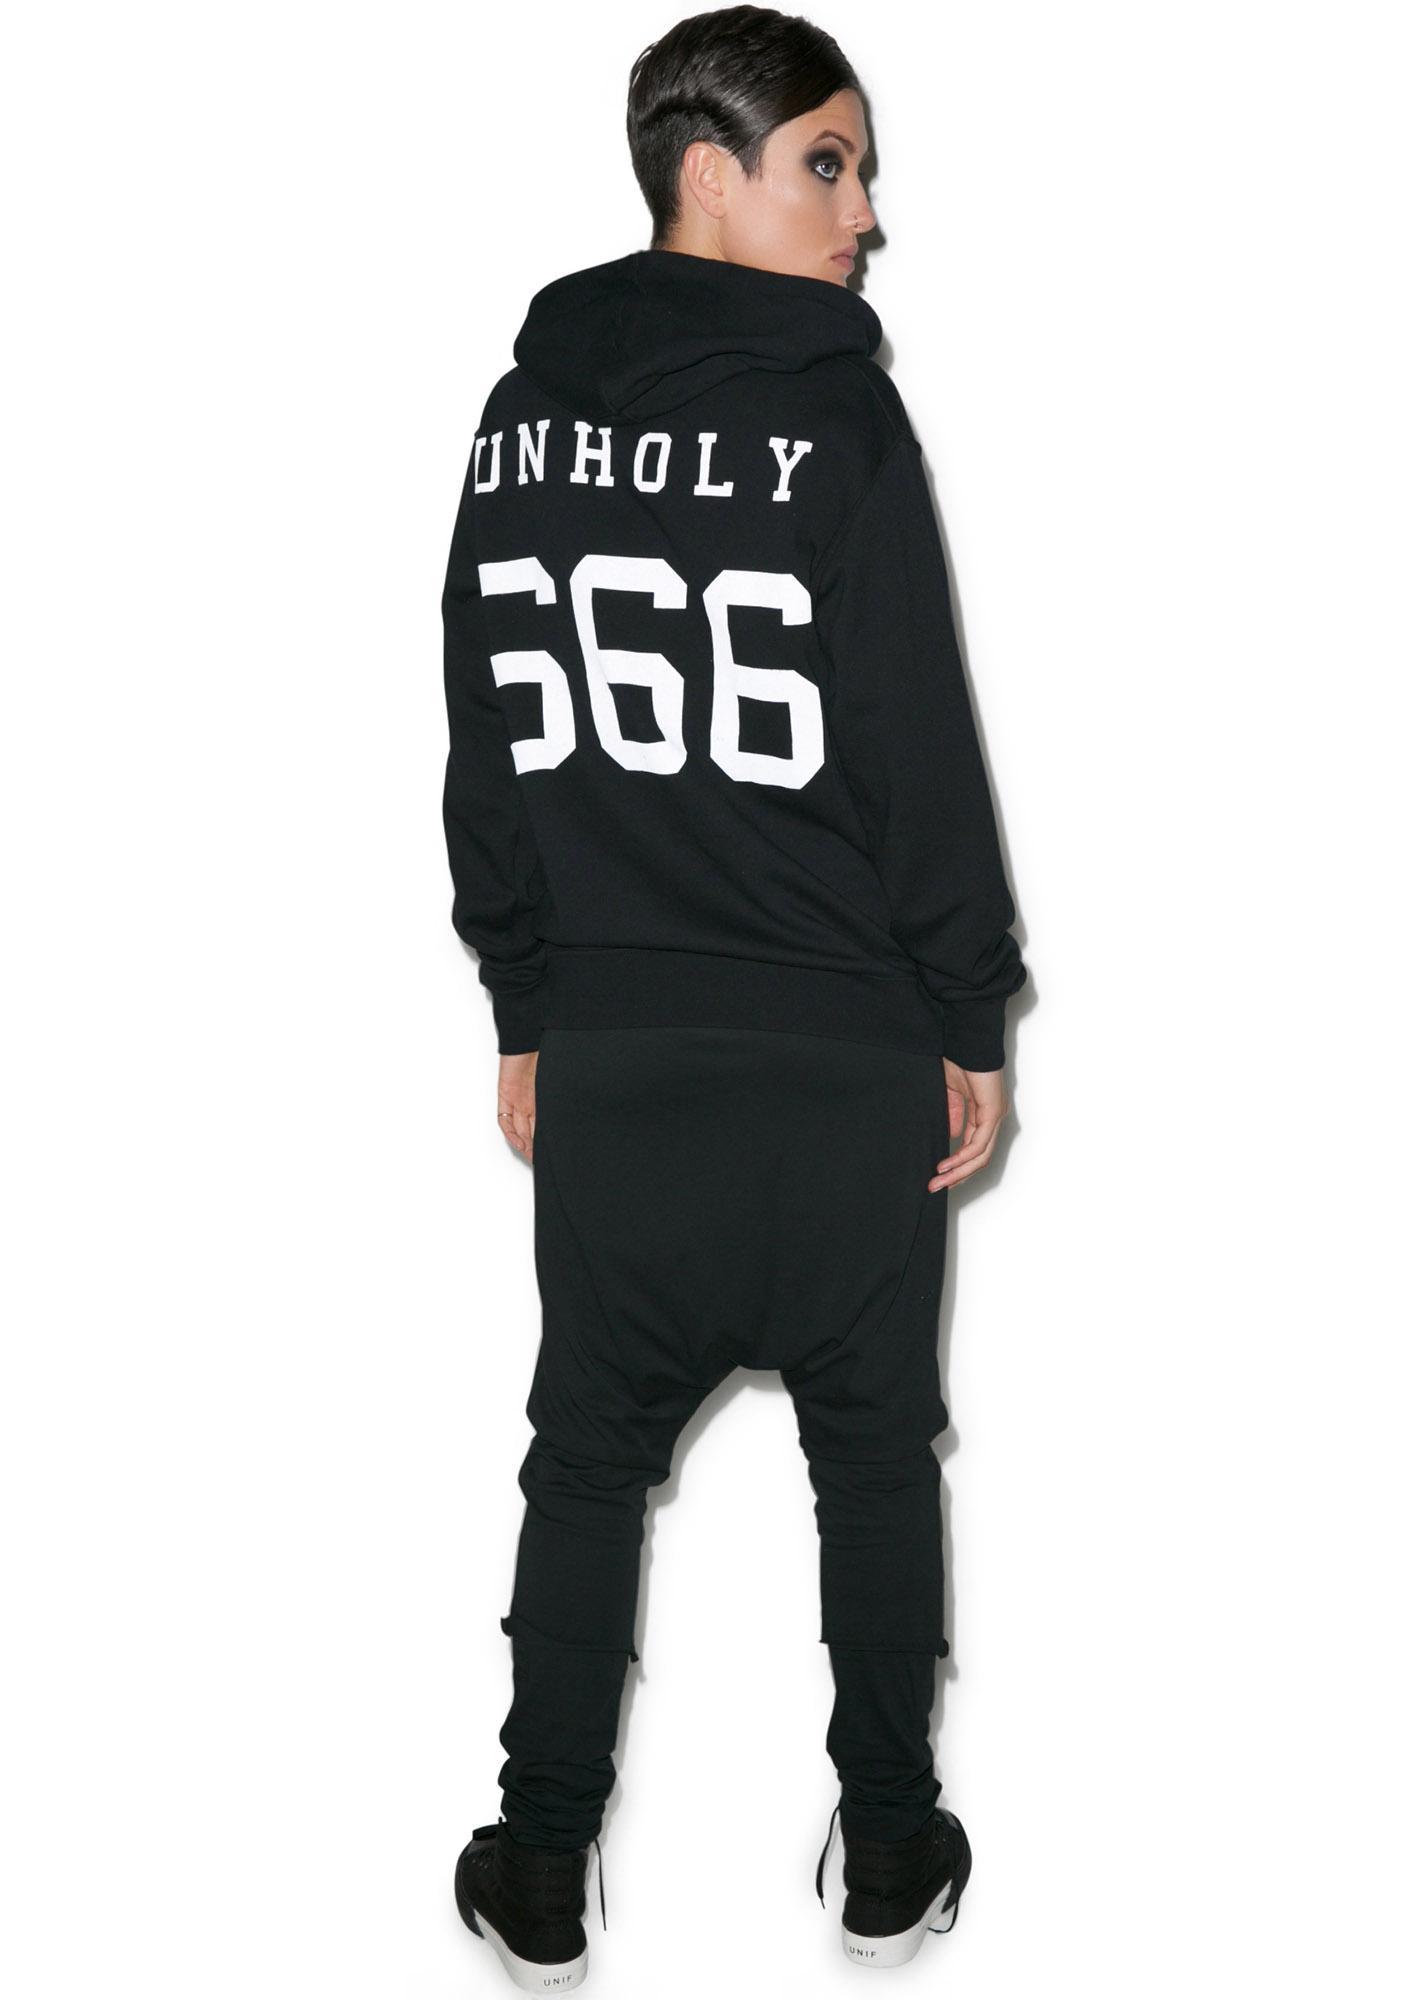 Baphomet 666 Hoodie